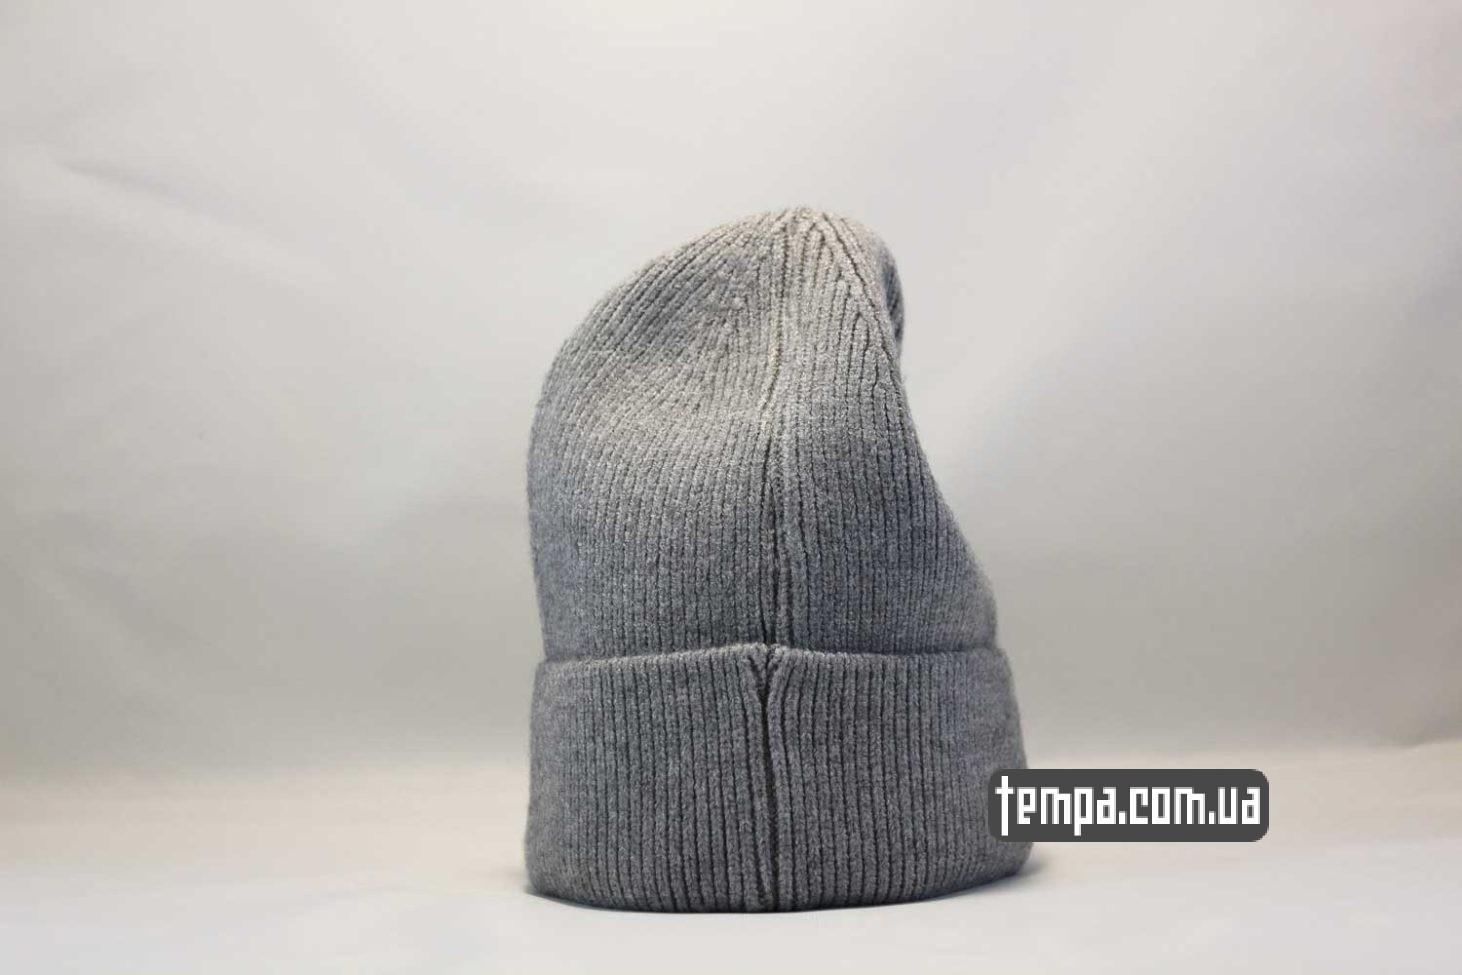 бини украина магазин шапка beanie champion серая Украина купить